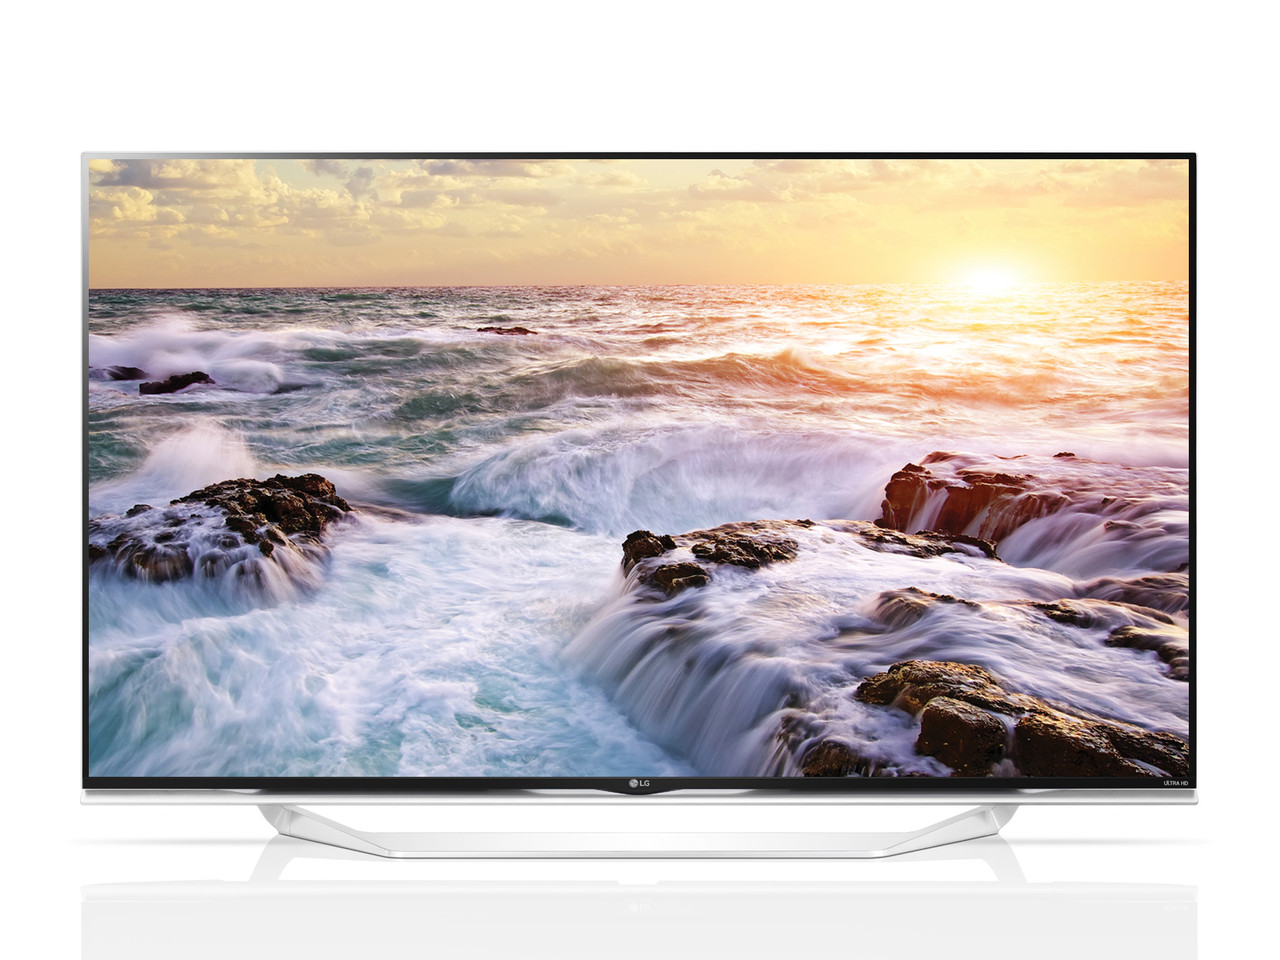 Телевизор LG 49UF8579 (1600Гц, Ultra HD 4K, Smart, Wi-Fi, 3D Magic Remote)